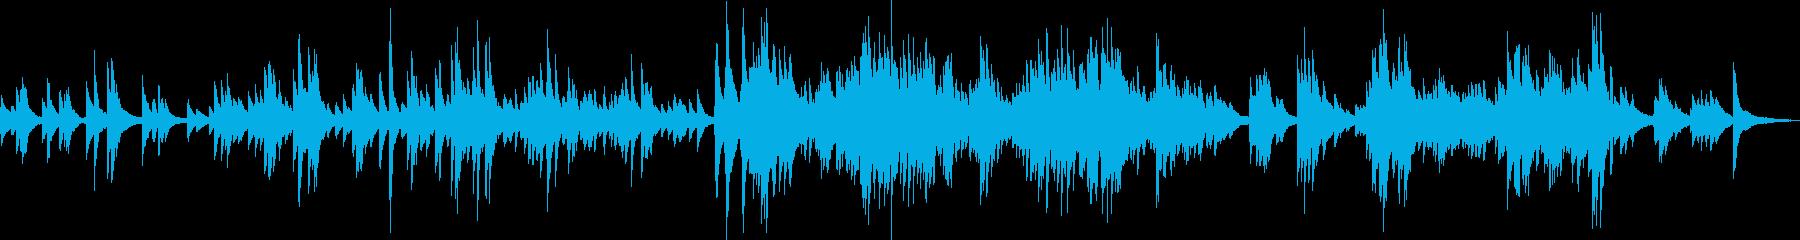 嫌な思い出(ピアノ・暗い・過去)の再生済みの波形